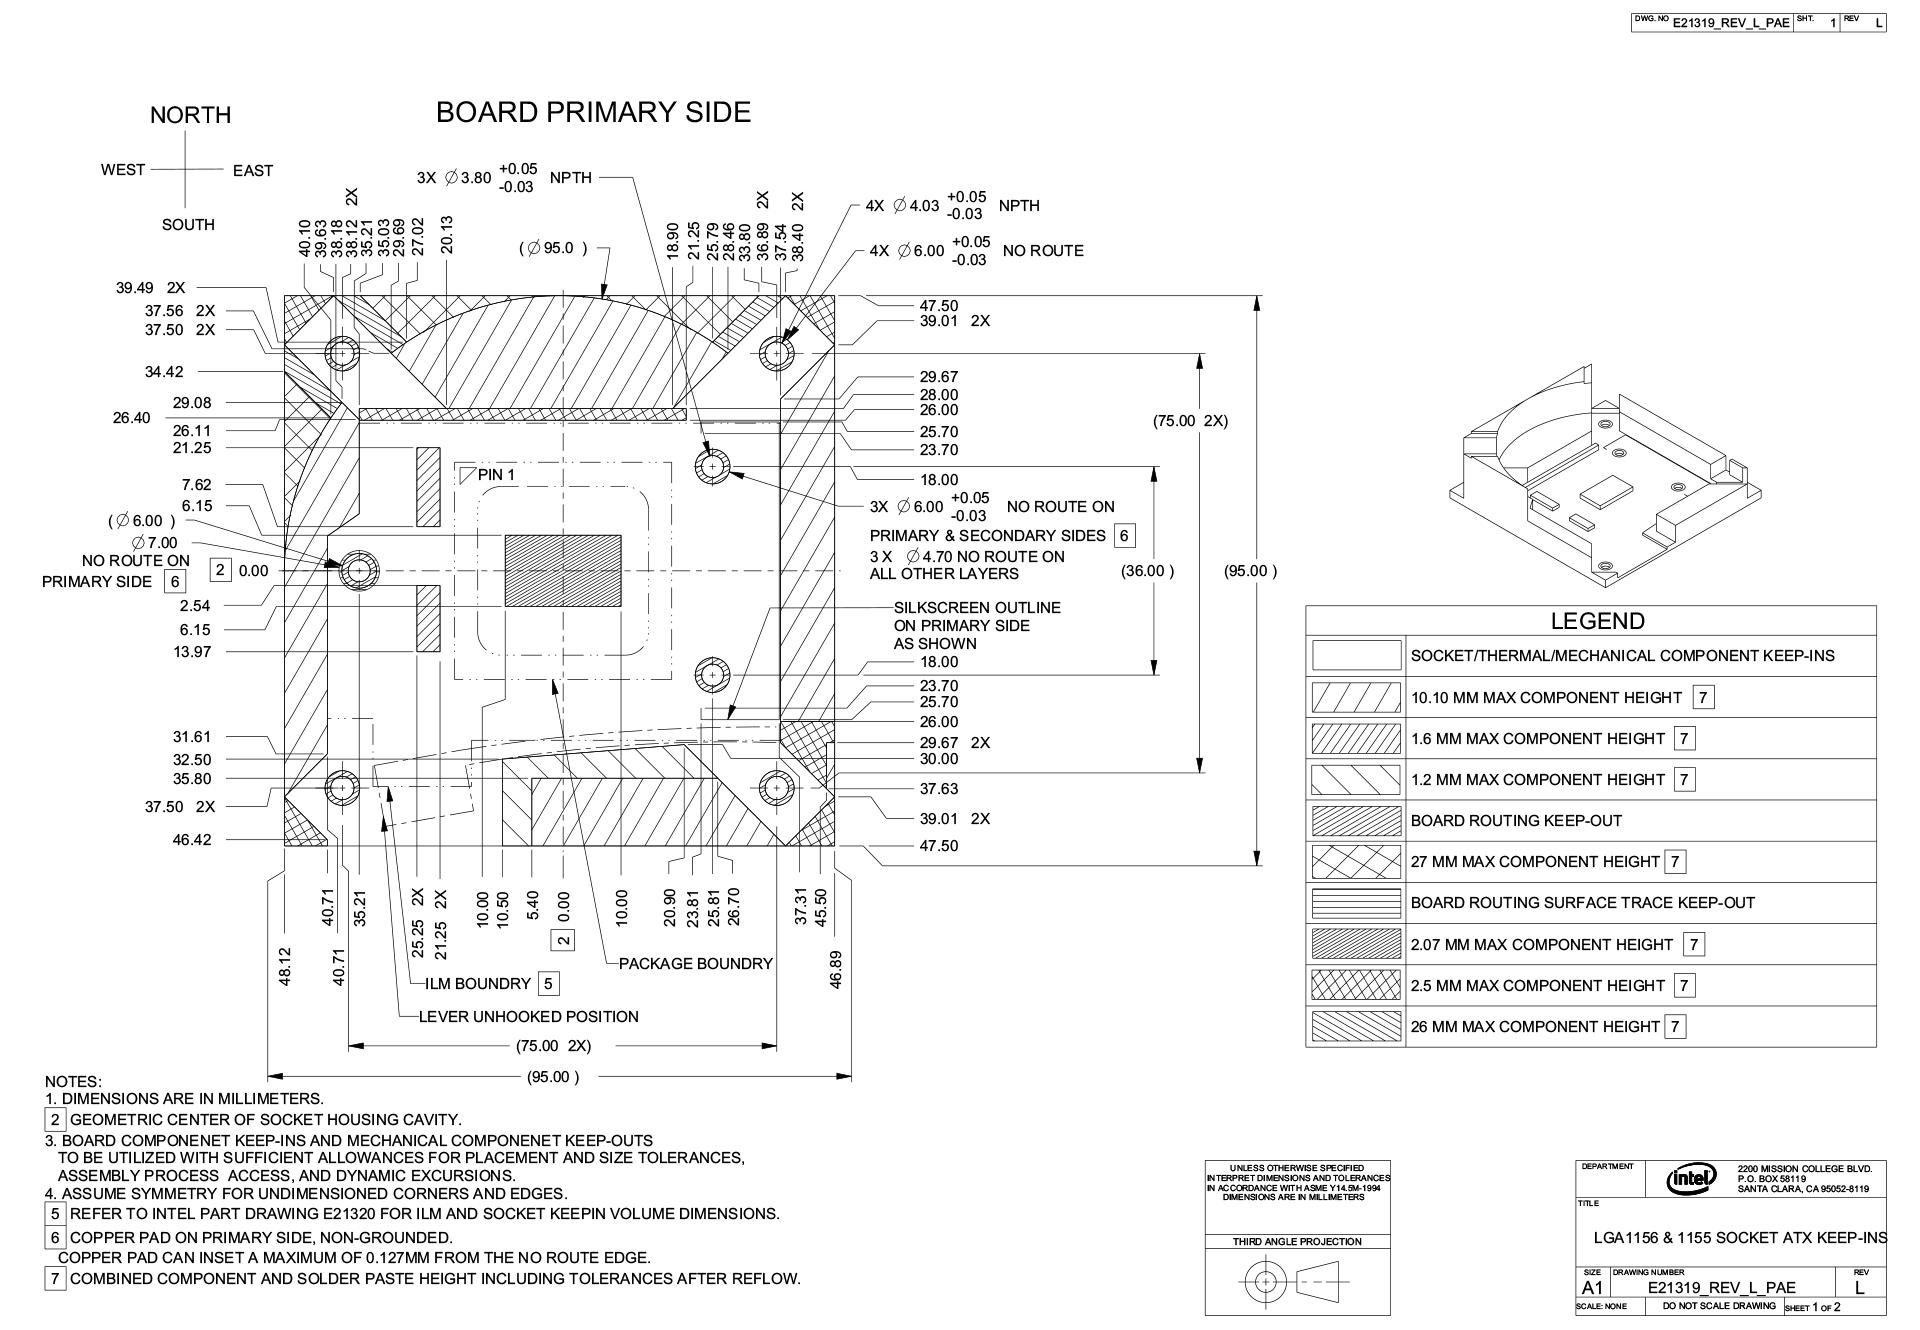 lga-1155-1156.png